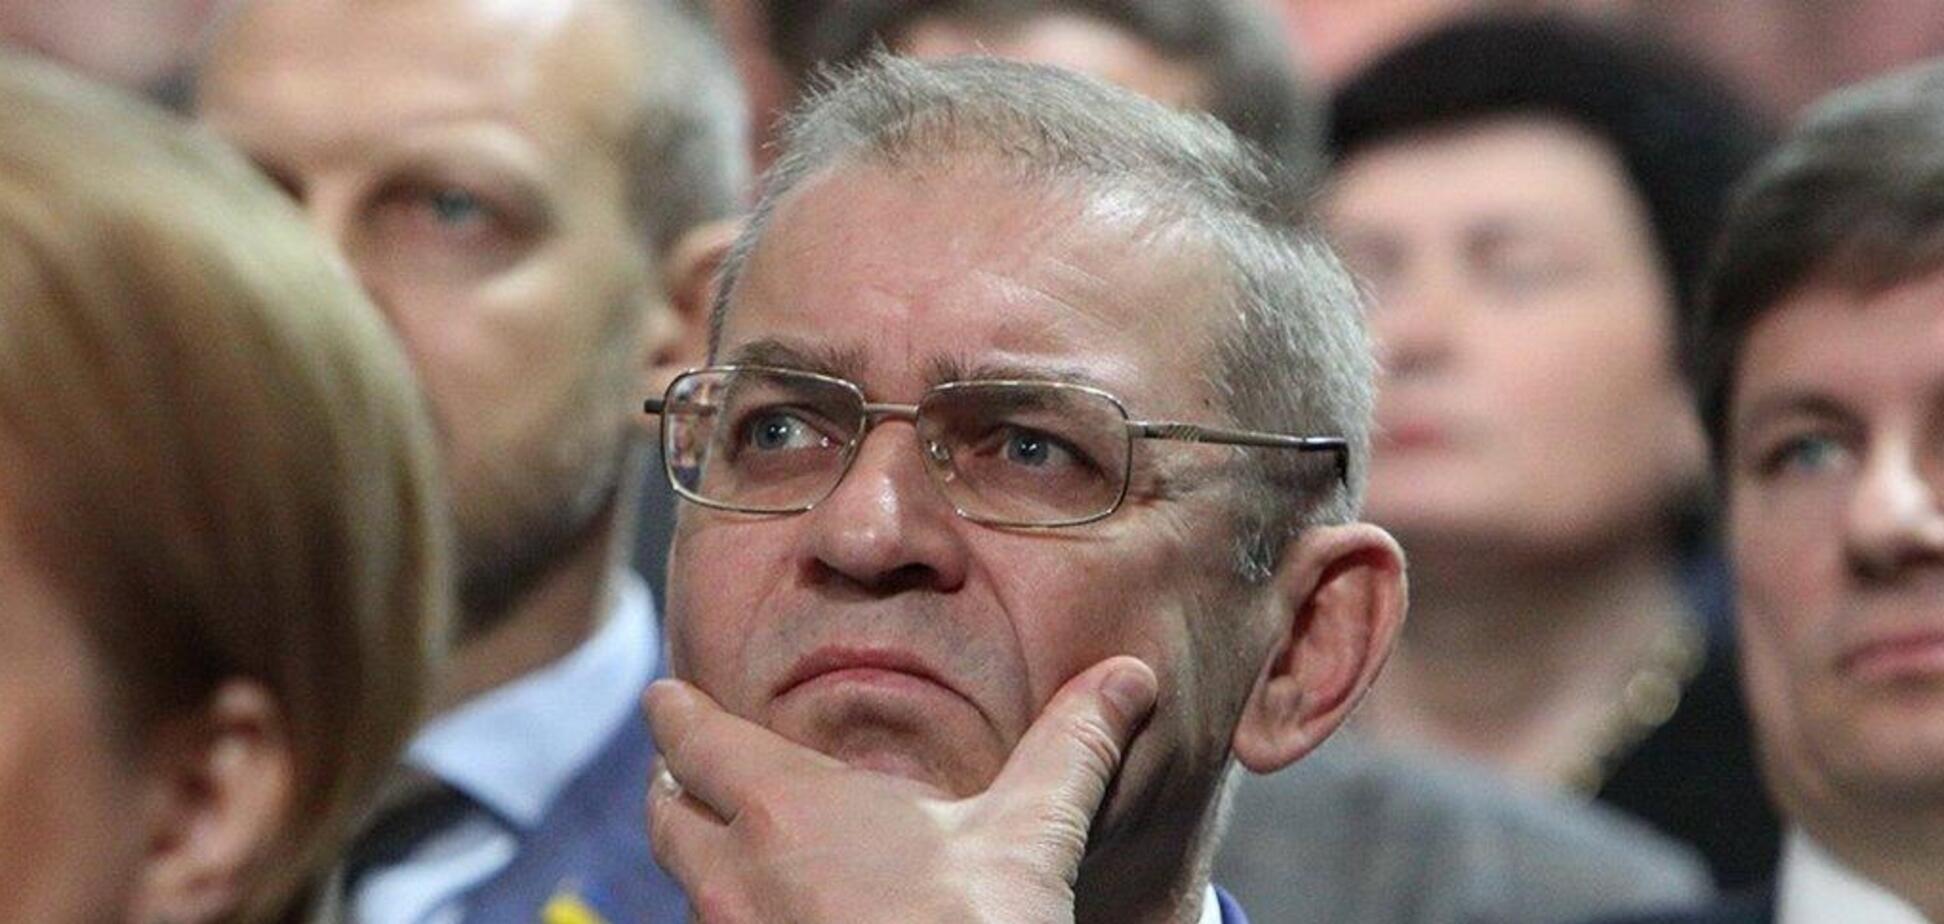 Пашинскому вручили обвинительный акт: дело о стрельбе передают в суд